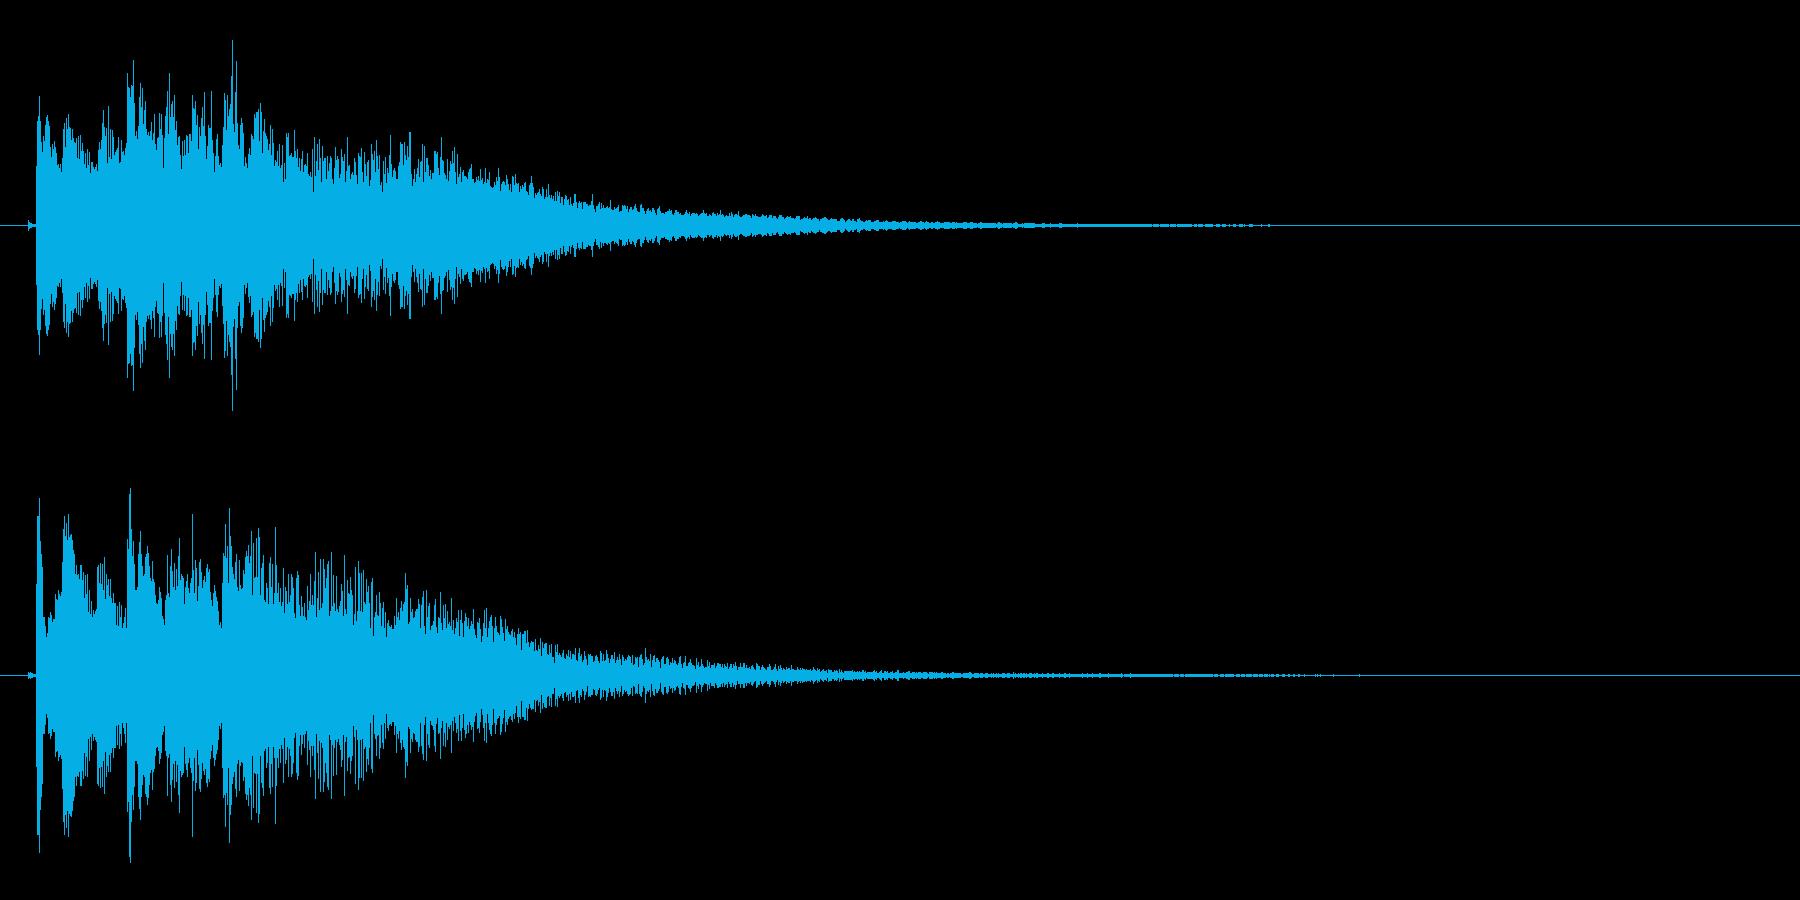 琴のフレーズ1☆調律2☆リバーブ有の再生済みの波形